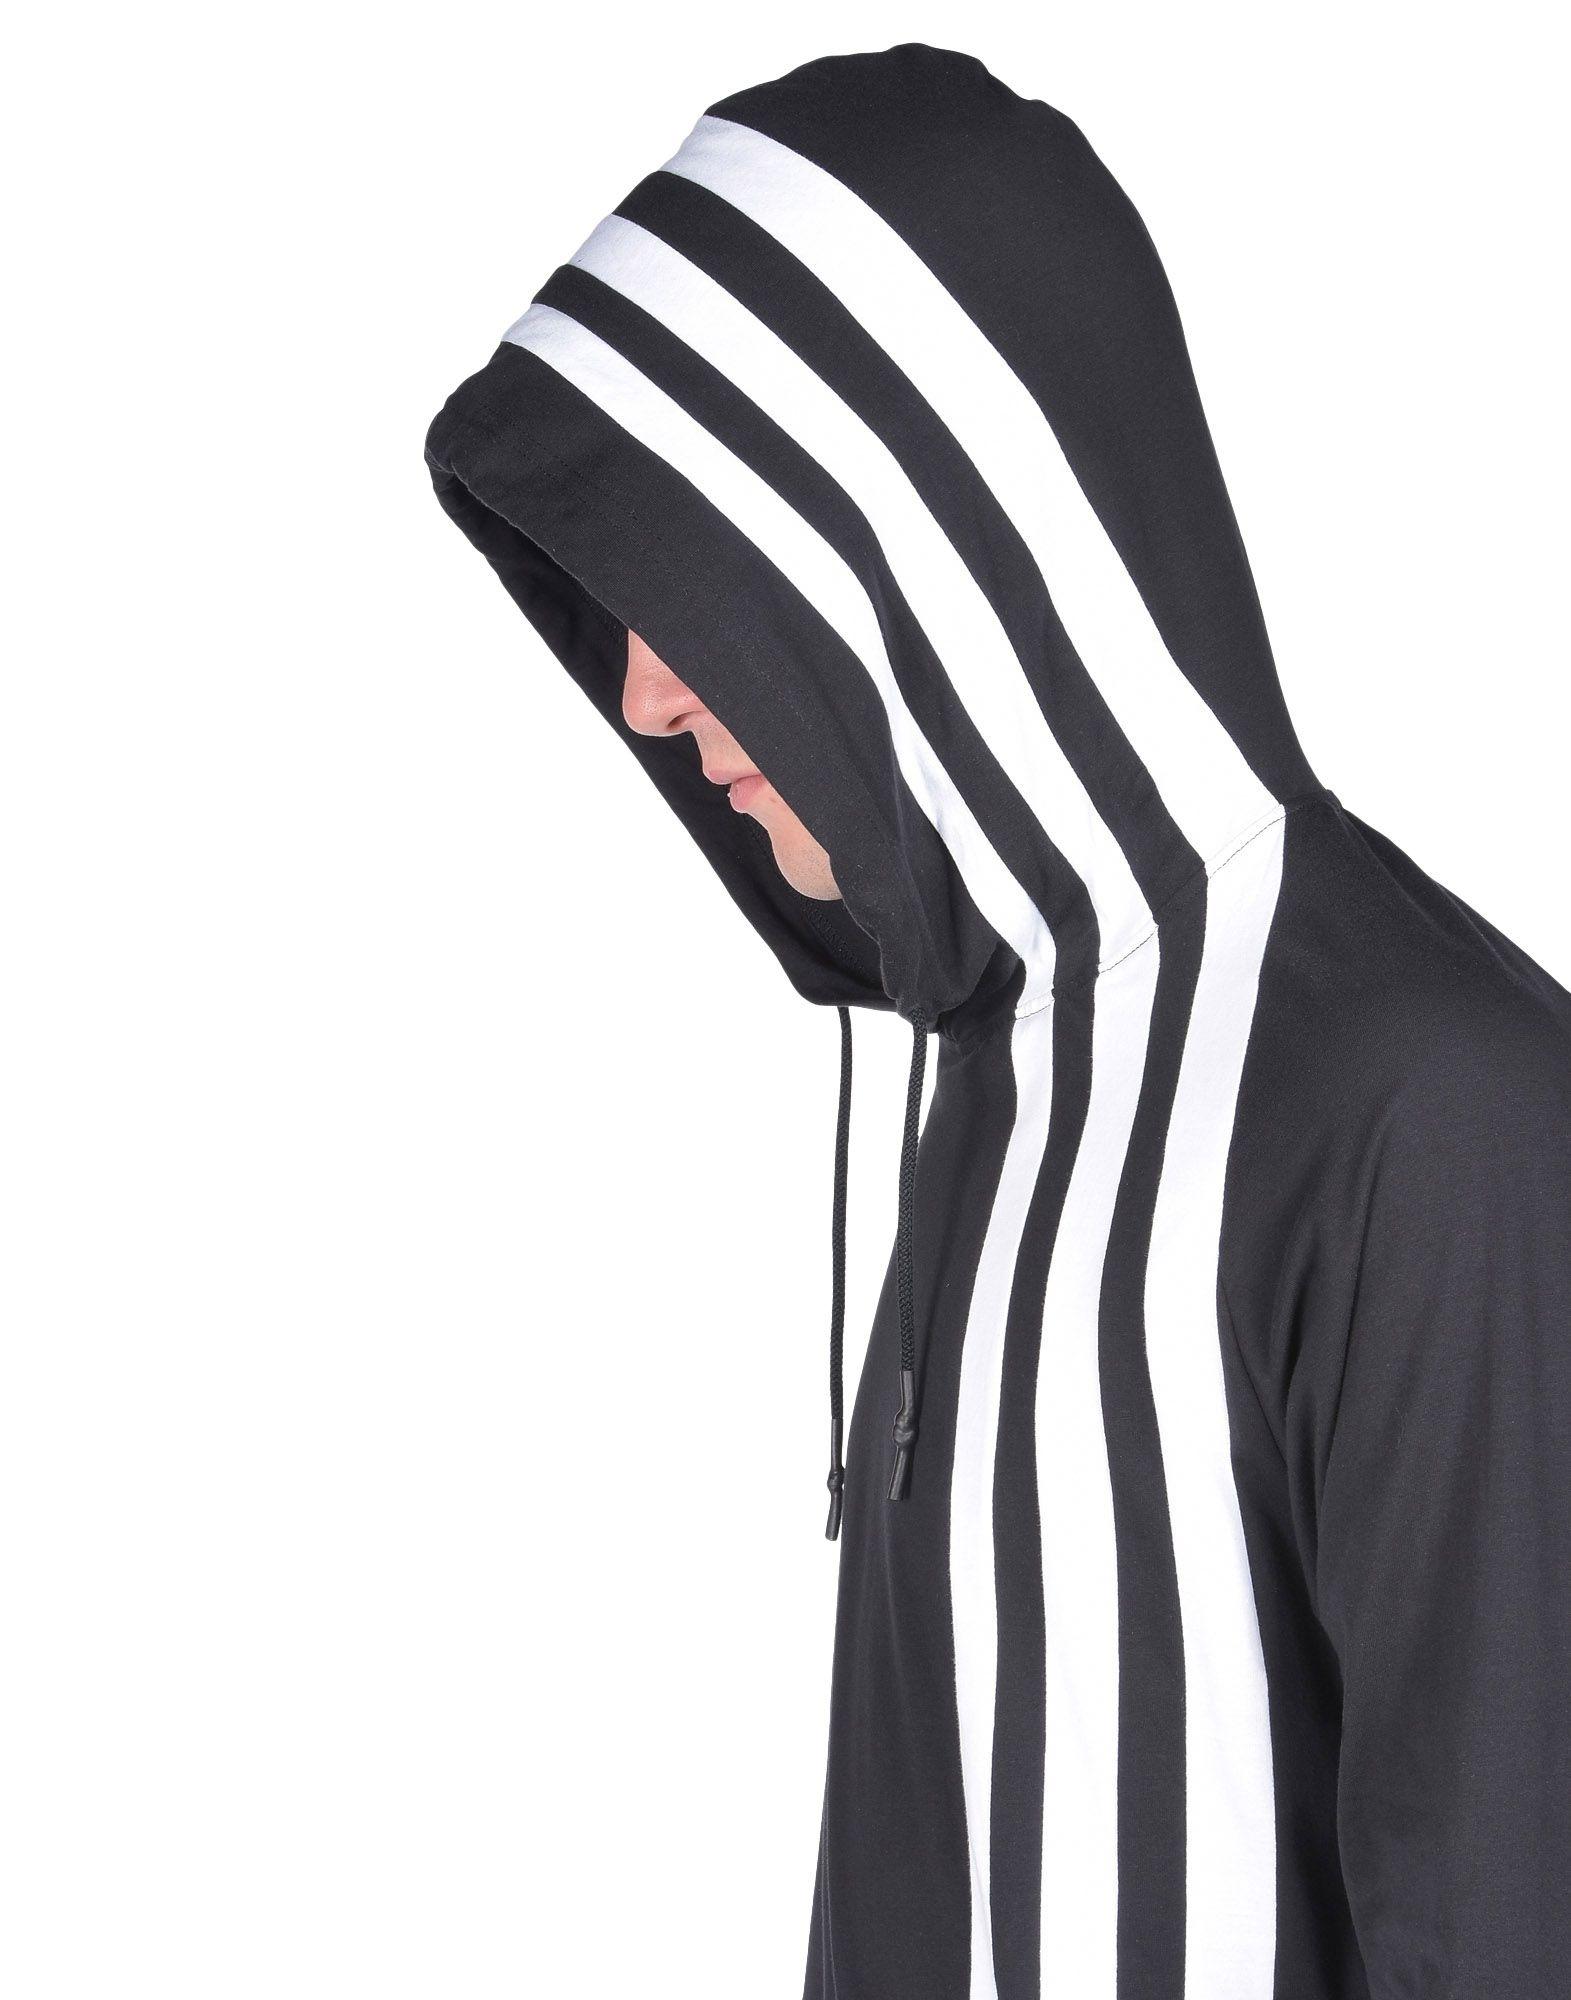 20b8f8fc9a88 Y-3 Y-3 3-STRIPES HOODIE Hooded sweatshirt Man a ...